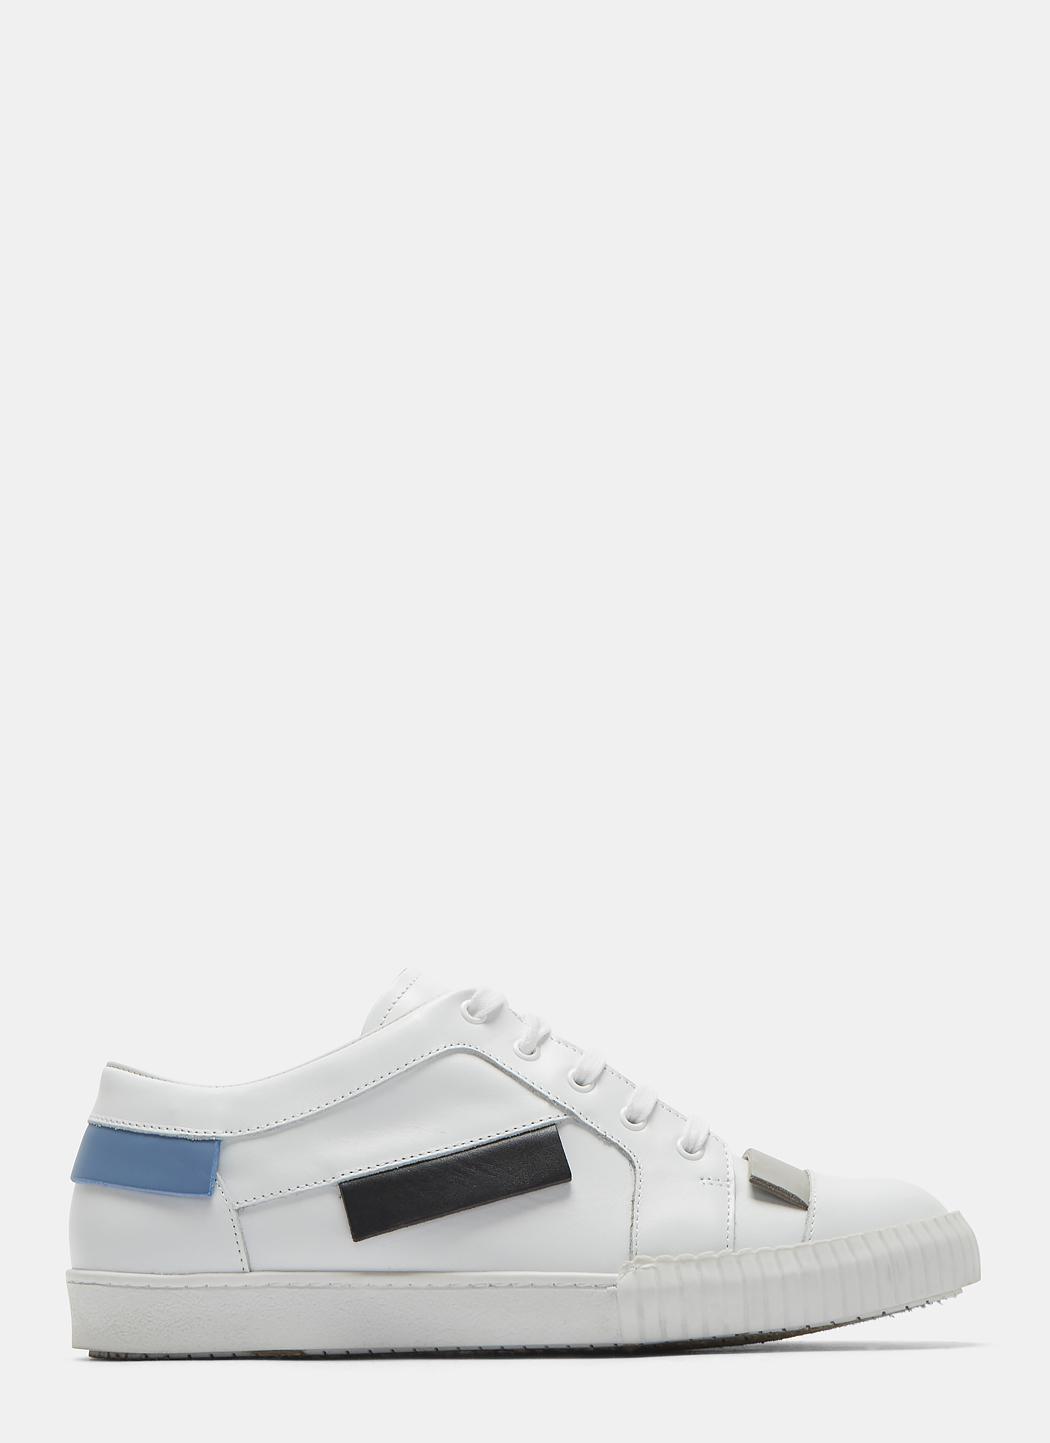 paneled sneakers - White Marni fYNSSKR